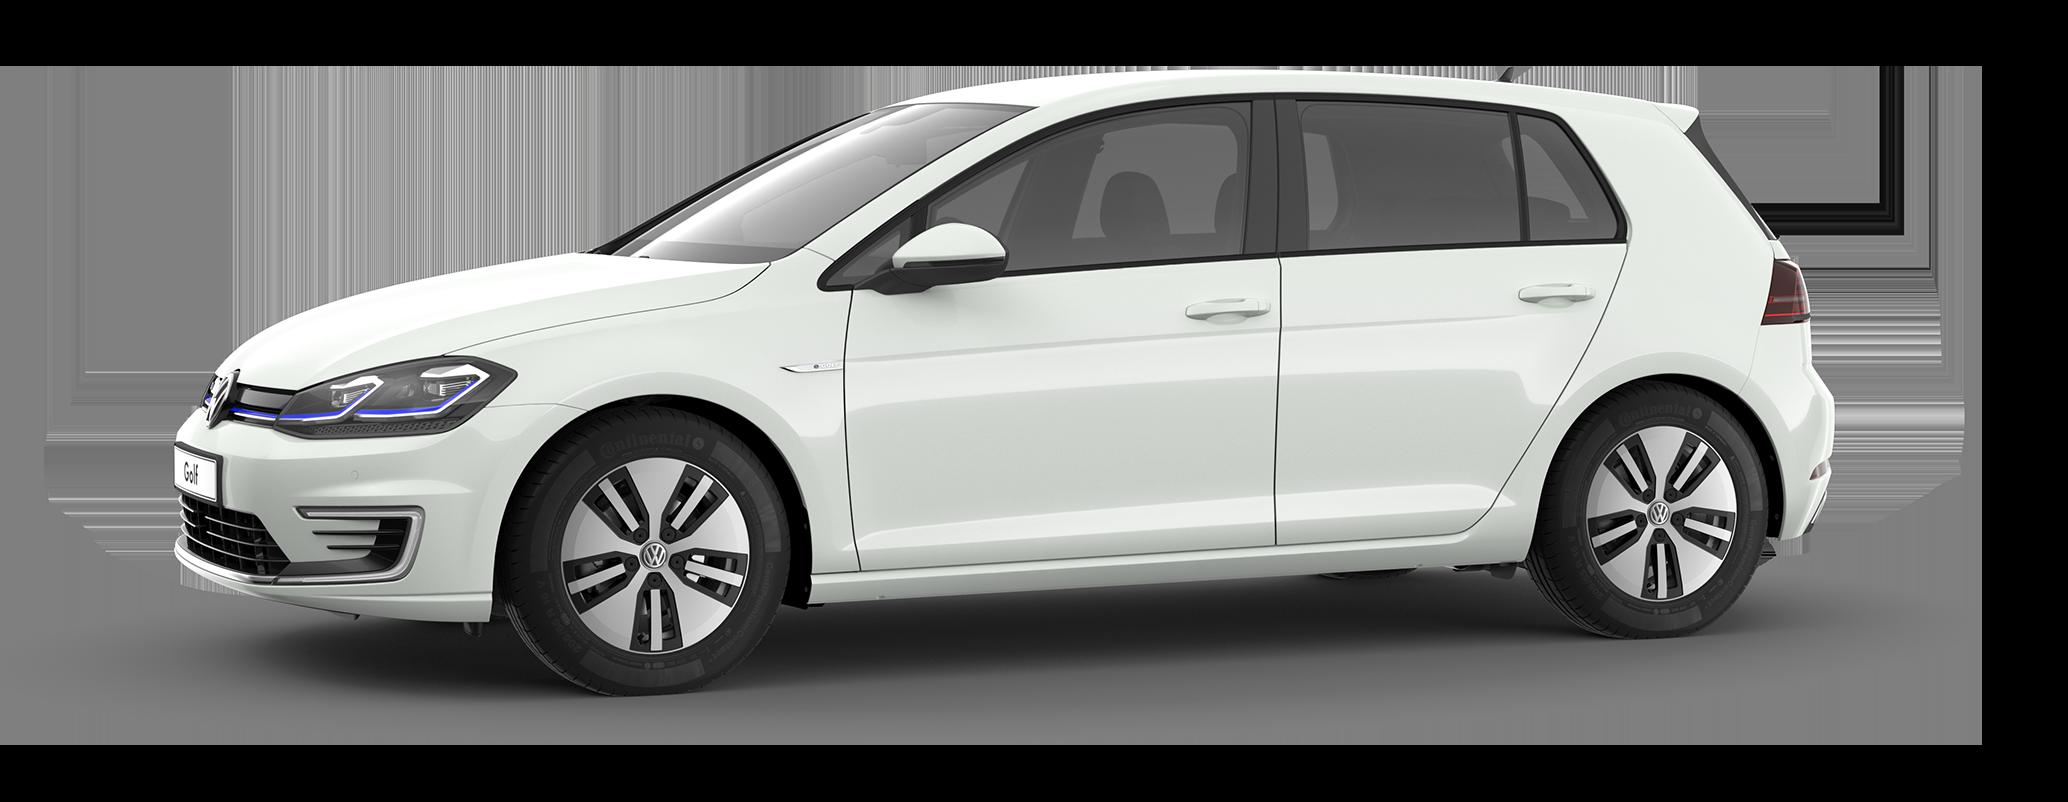 Volkswagen E Golf Kleuren.Golf